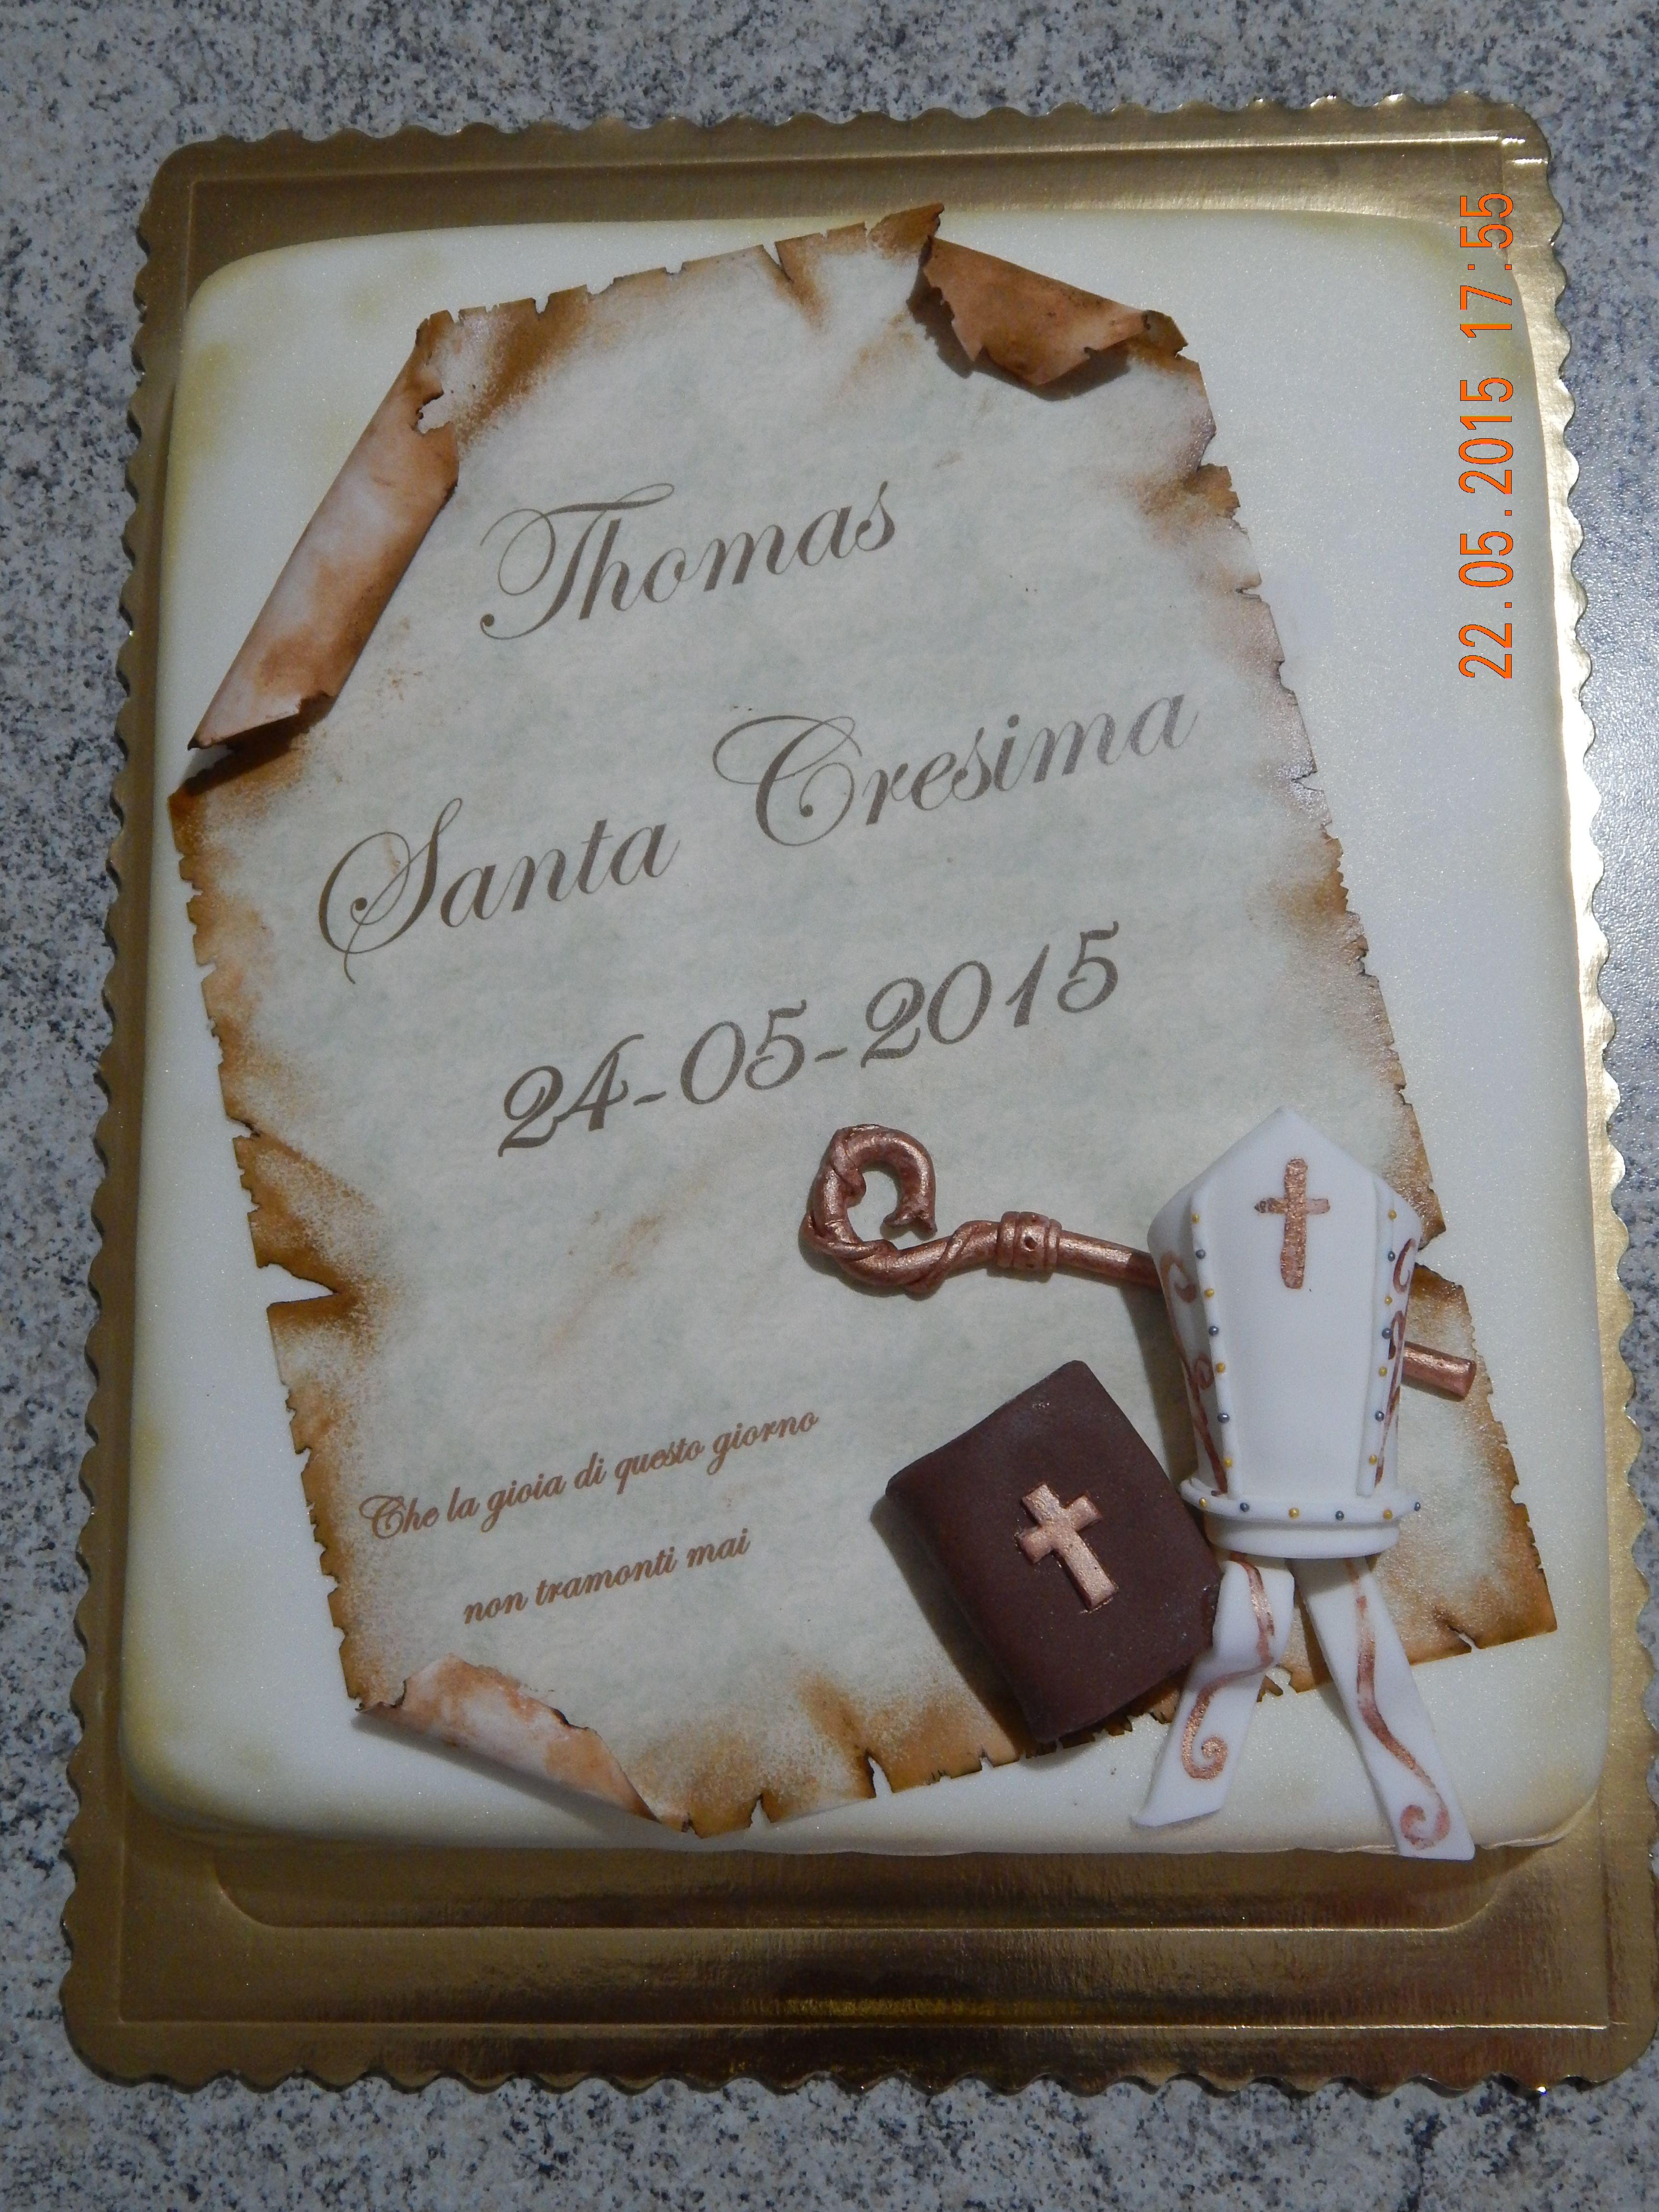 Cresima torte nel 2019 confirmation cakes communion for Decorazioni torte per cresima